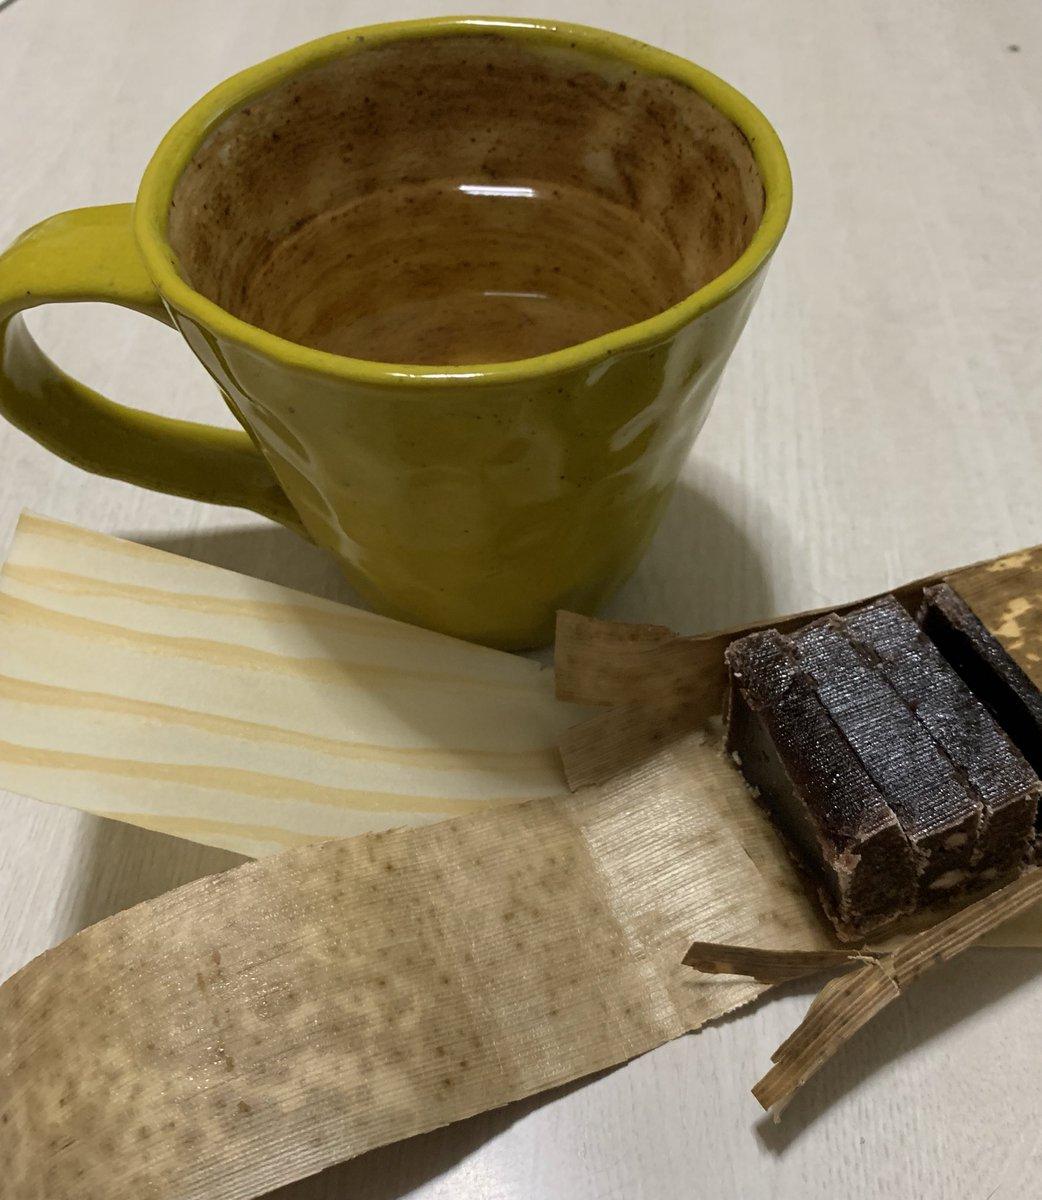 test ツイッターメディア - イライラするからお茶と小城羊羹!!! https://t.co/4Up4Jx4y2Z